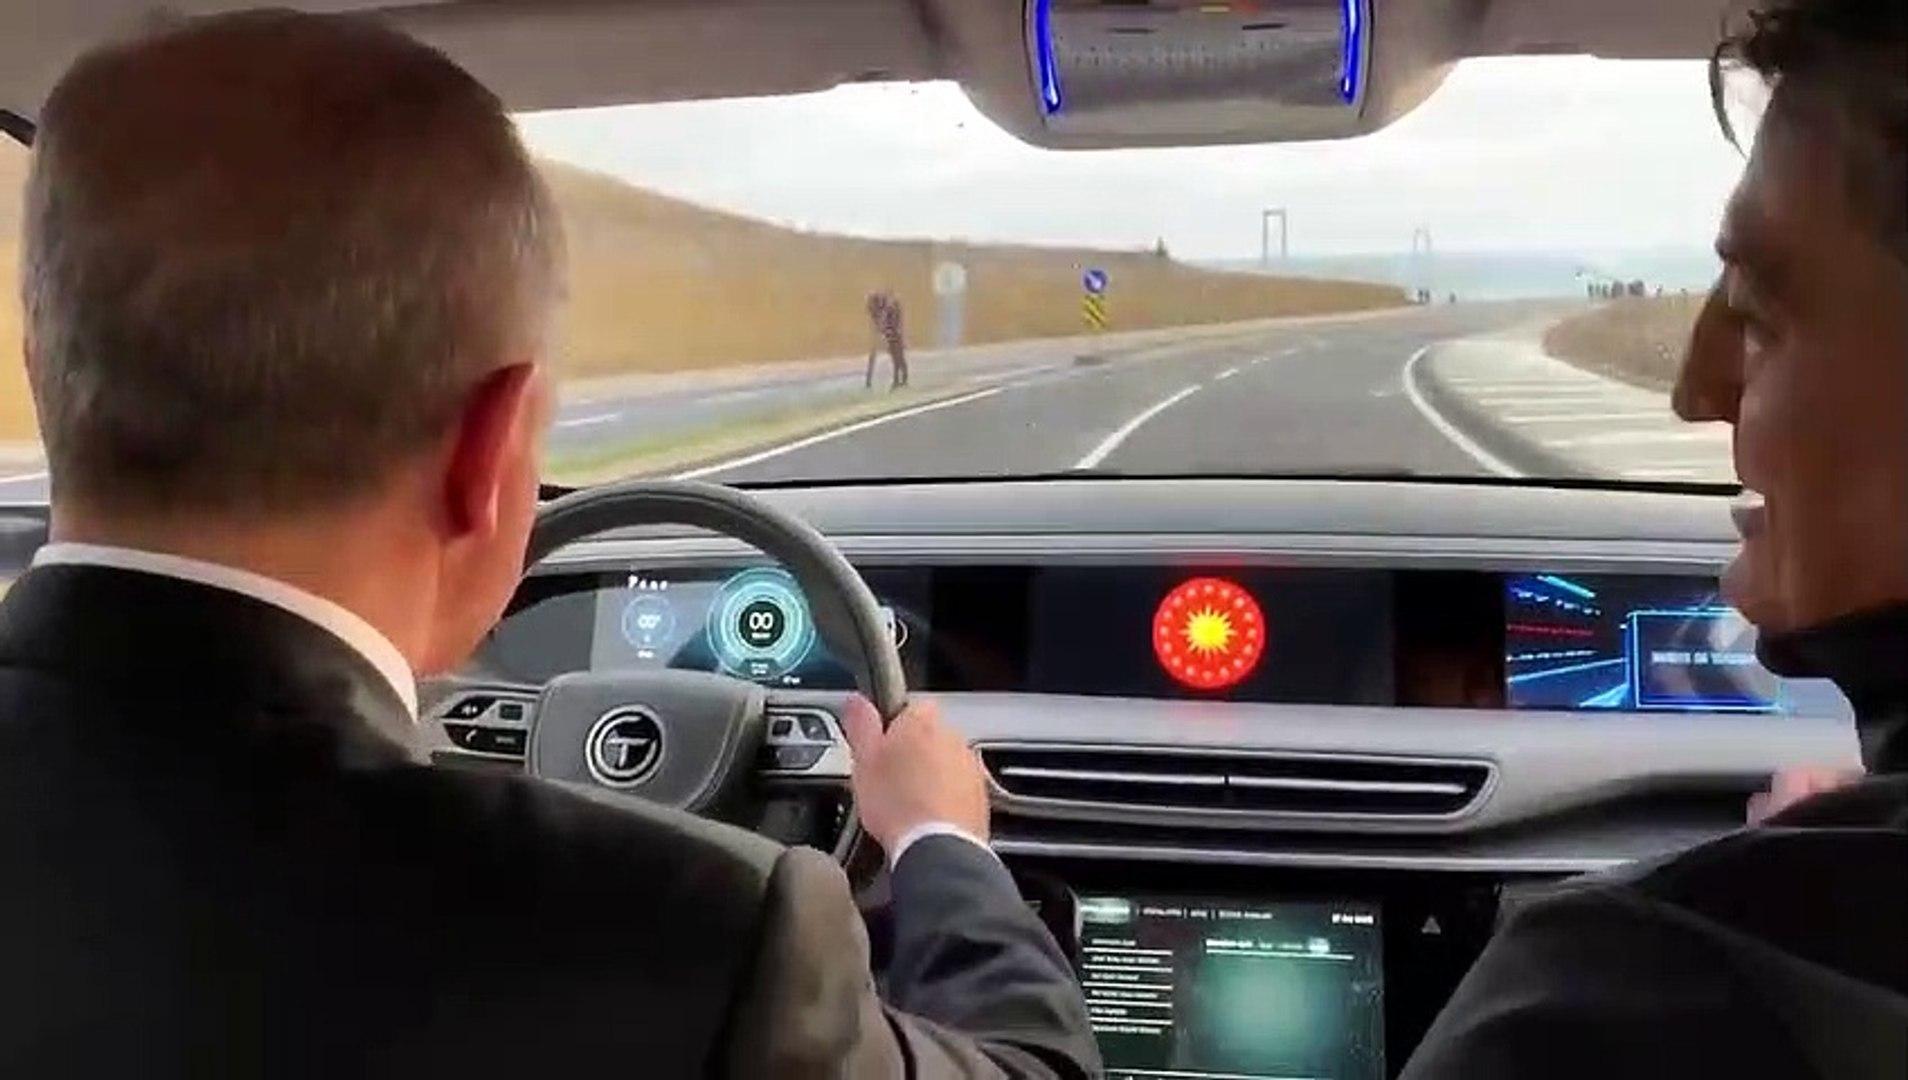 Cumhurbaşkanı Erdoğan 'Türkiye'nin Otomobilini' test etti